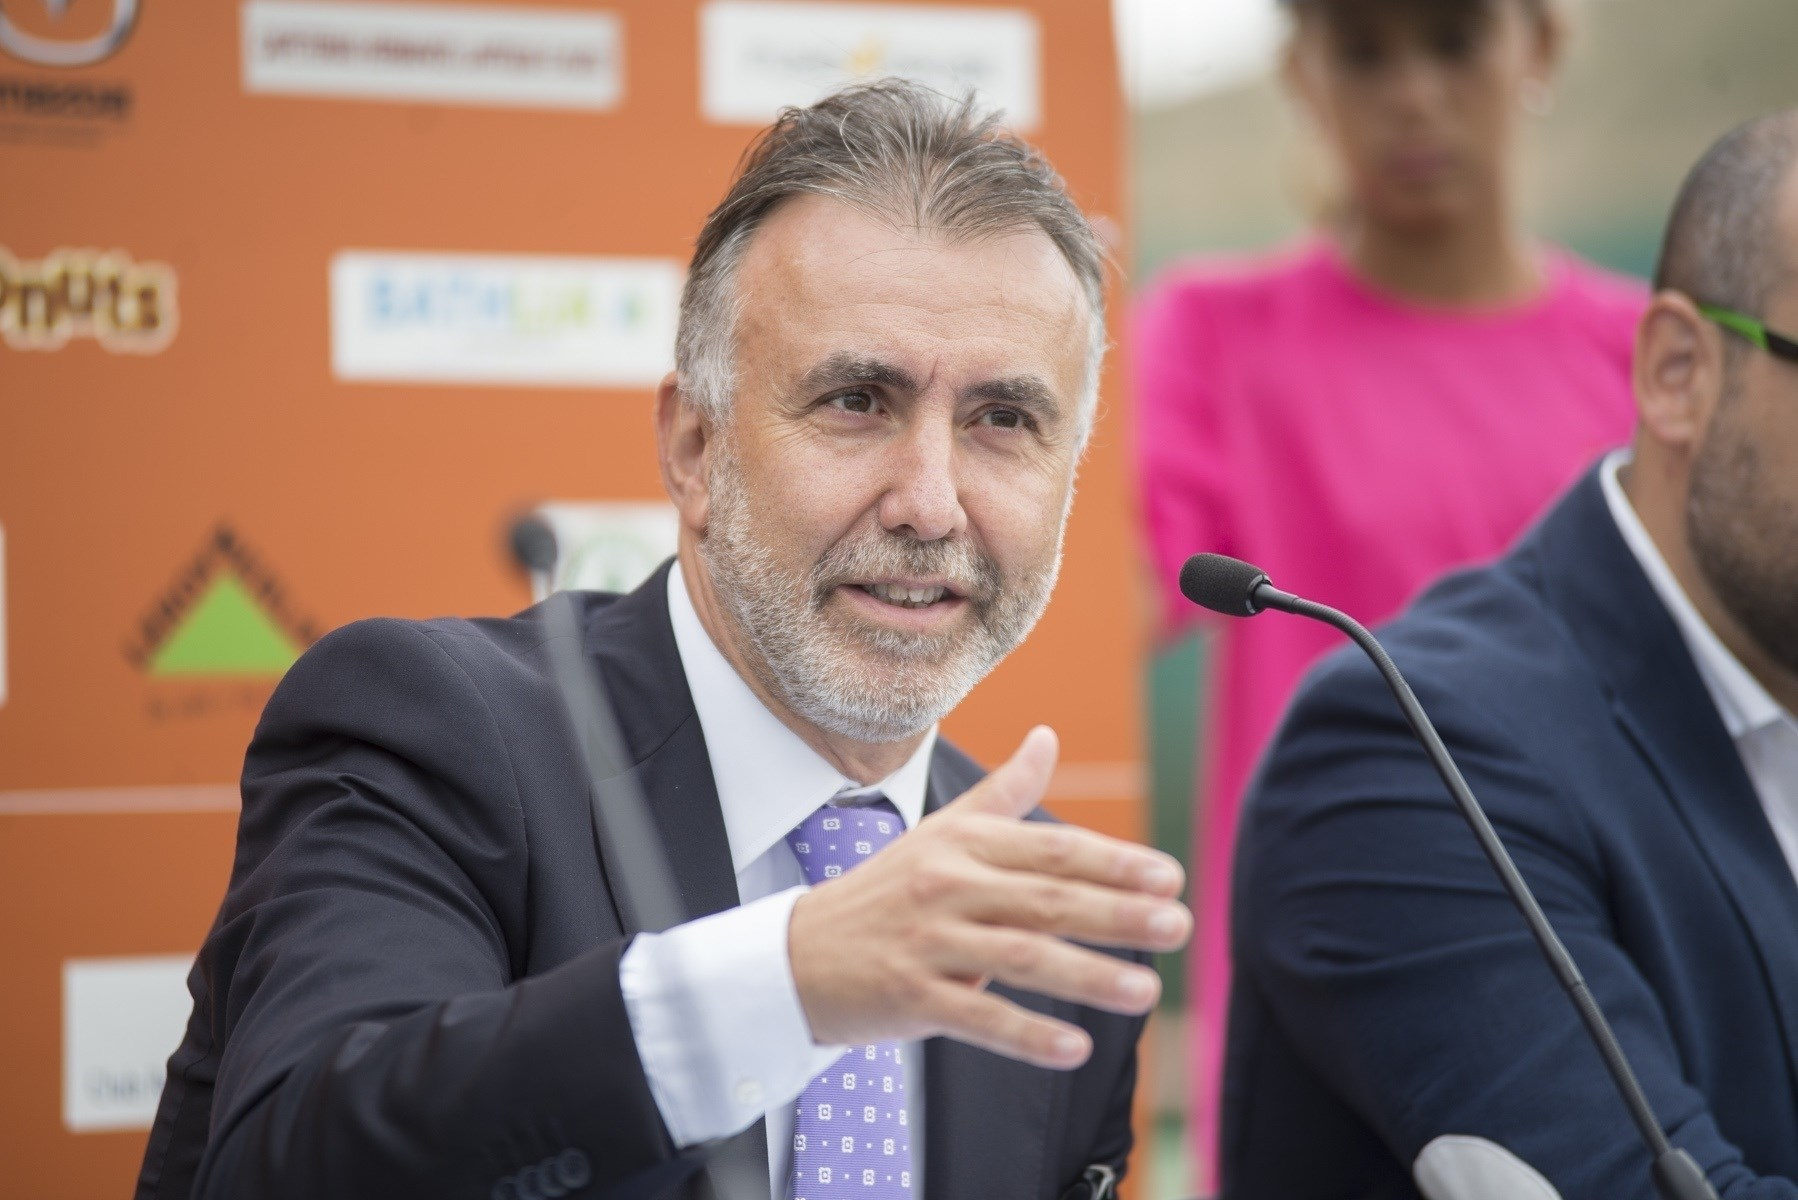 Ángel Víctor Torres, secretario general del PSOE en Canarias. | DA